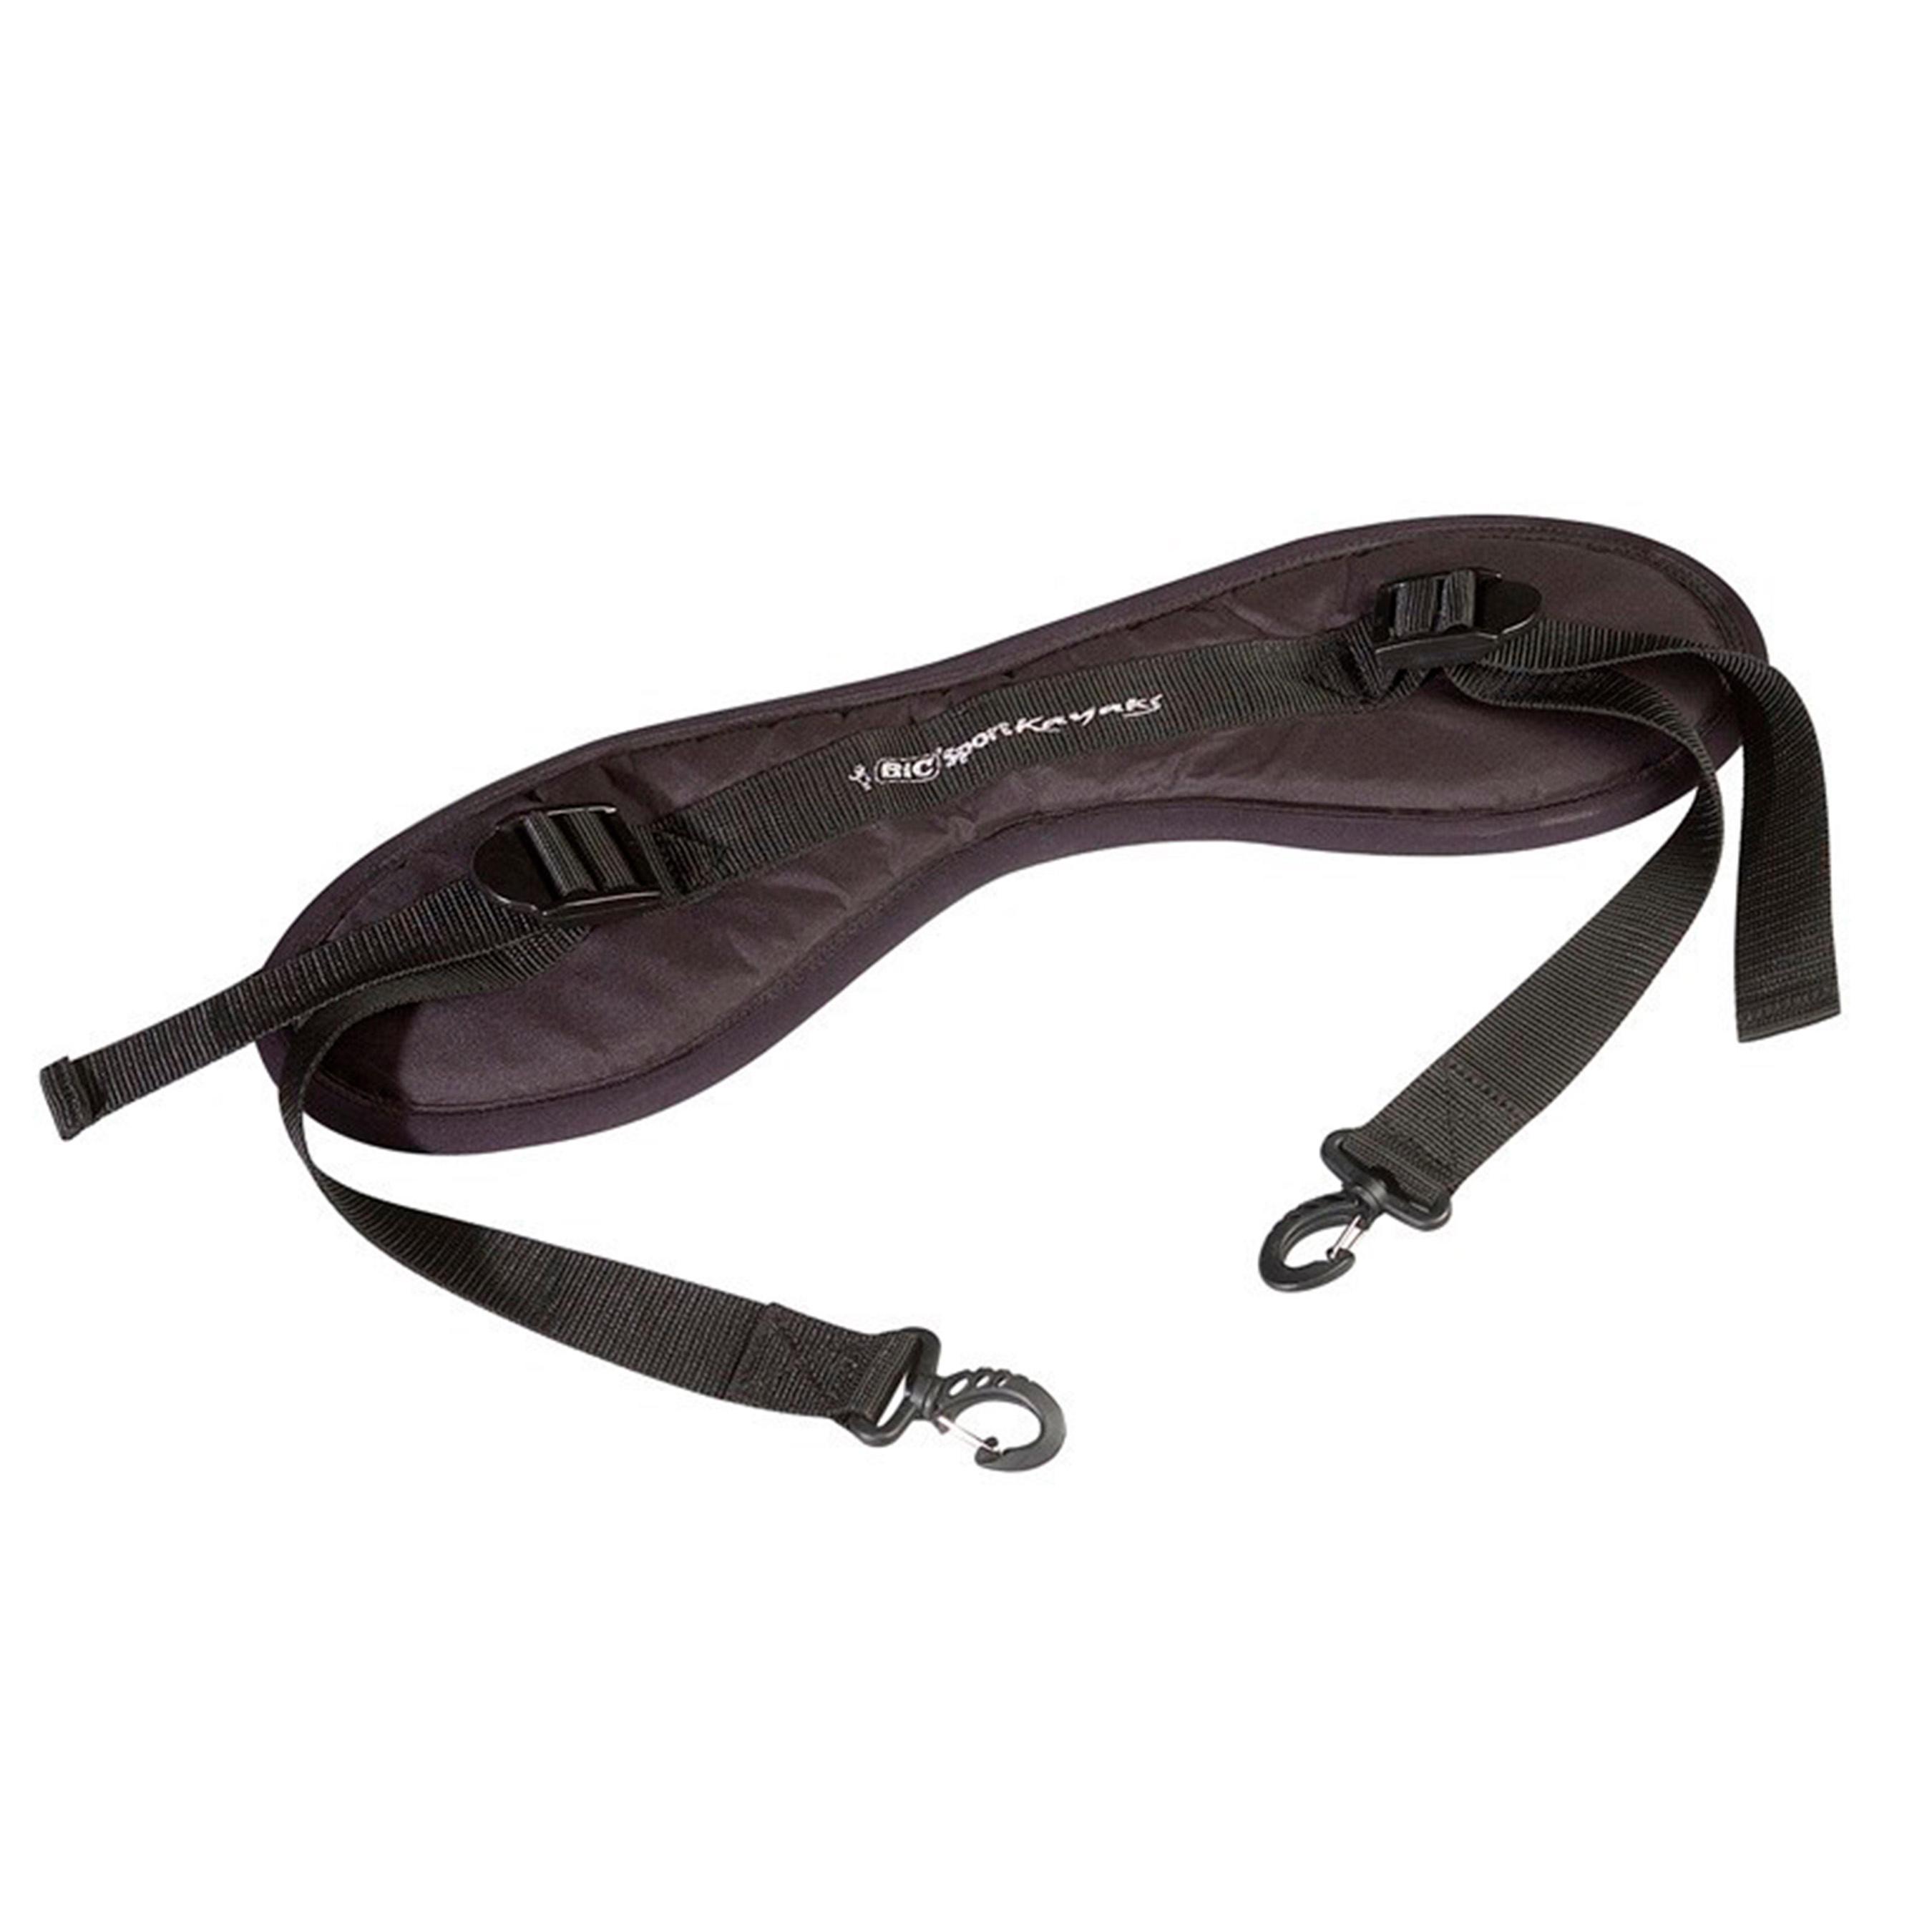 Cale cuisses ou sangle de portage pour canoë kayak rigide bic sport